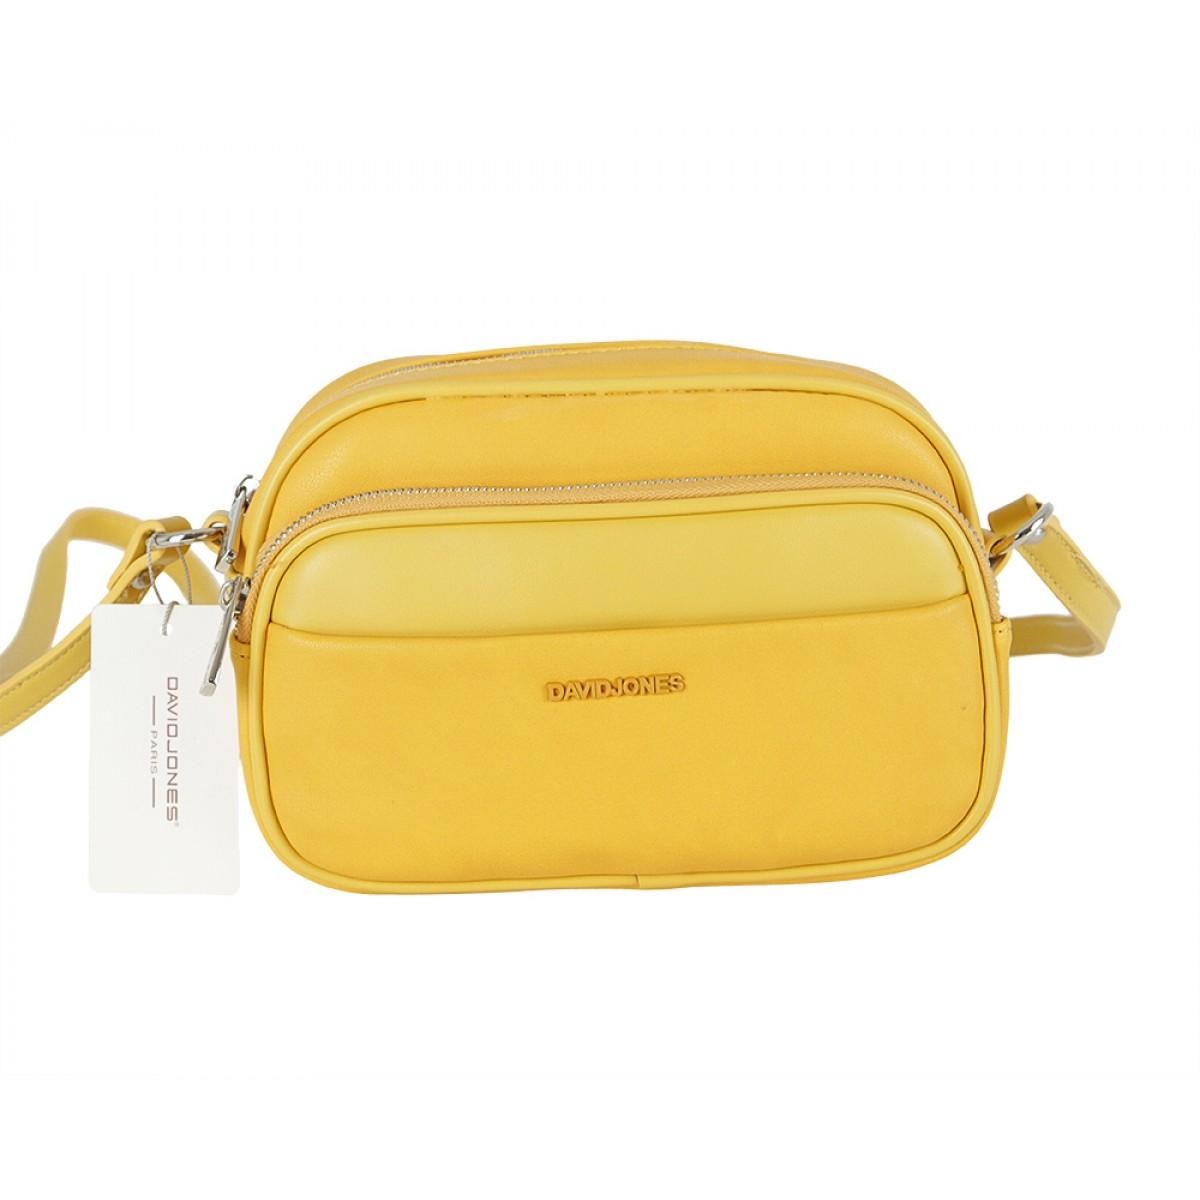 Жіноча сумка David Jones 6297-1 YELLOW